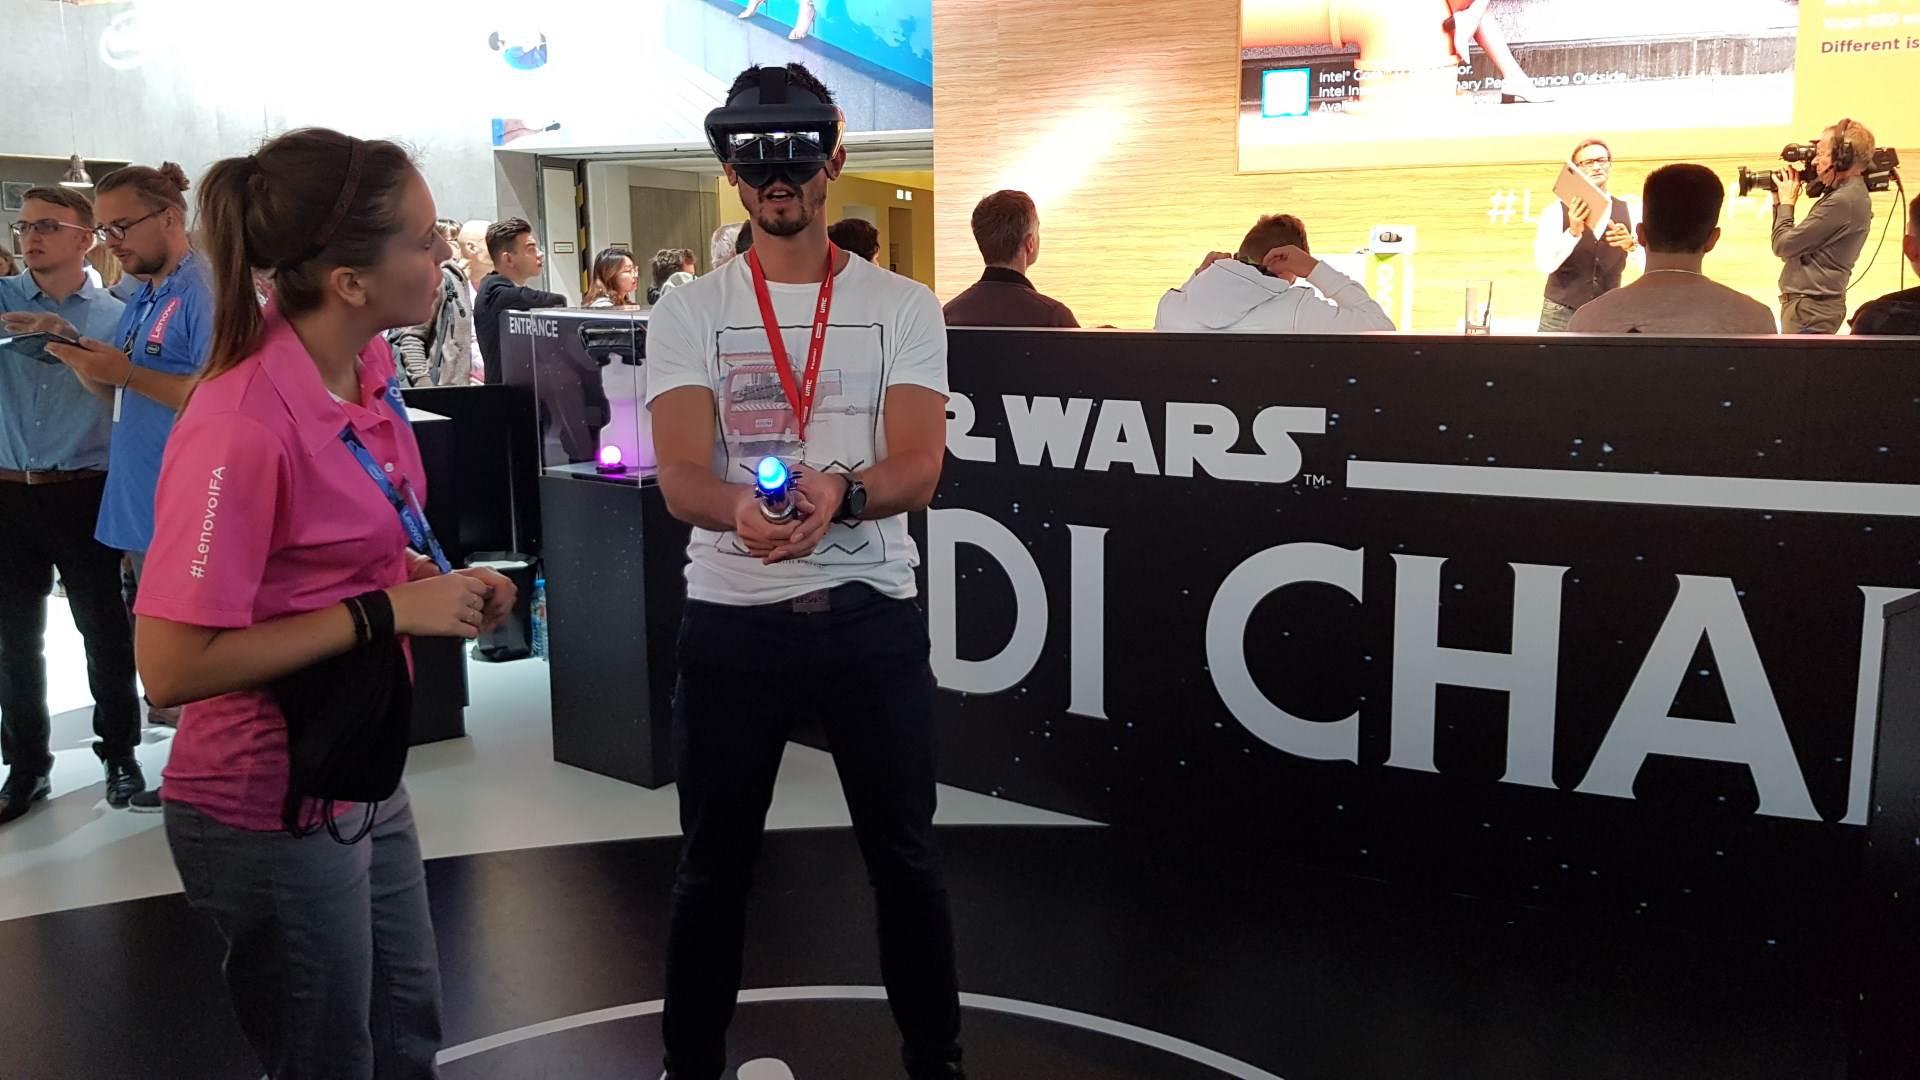 Star Wars Jedi Challenge MWC 2017